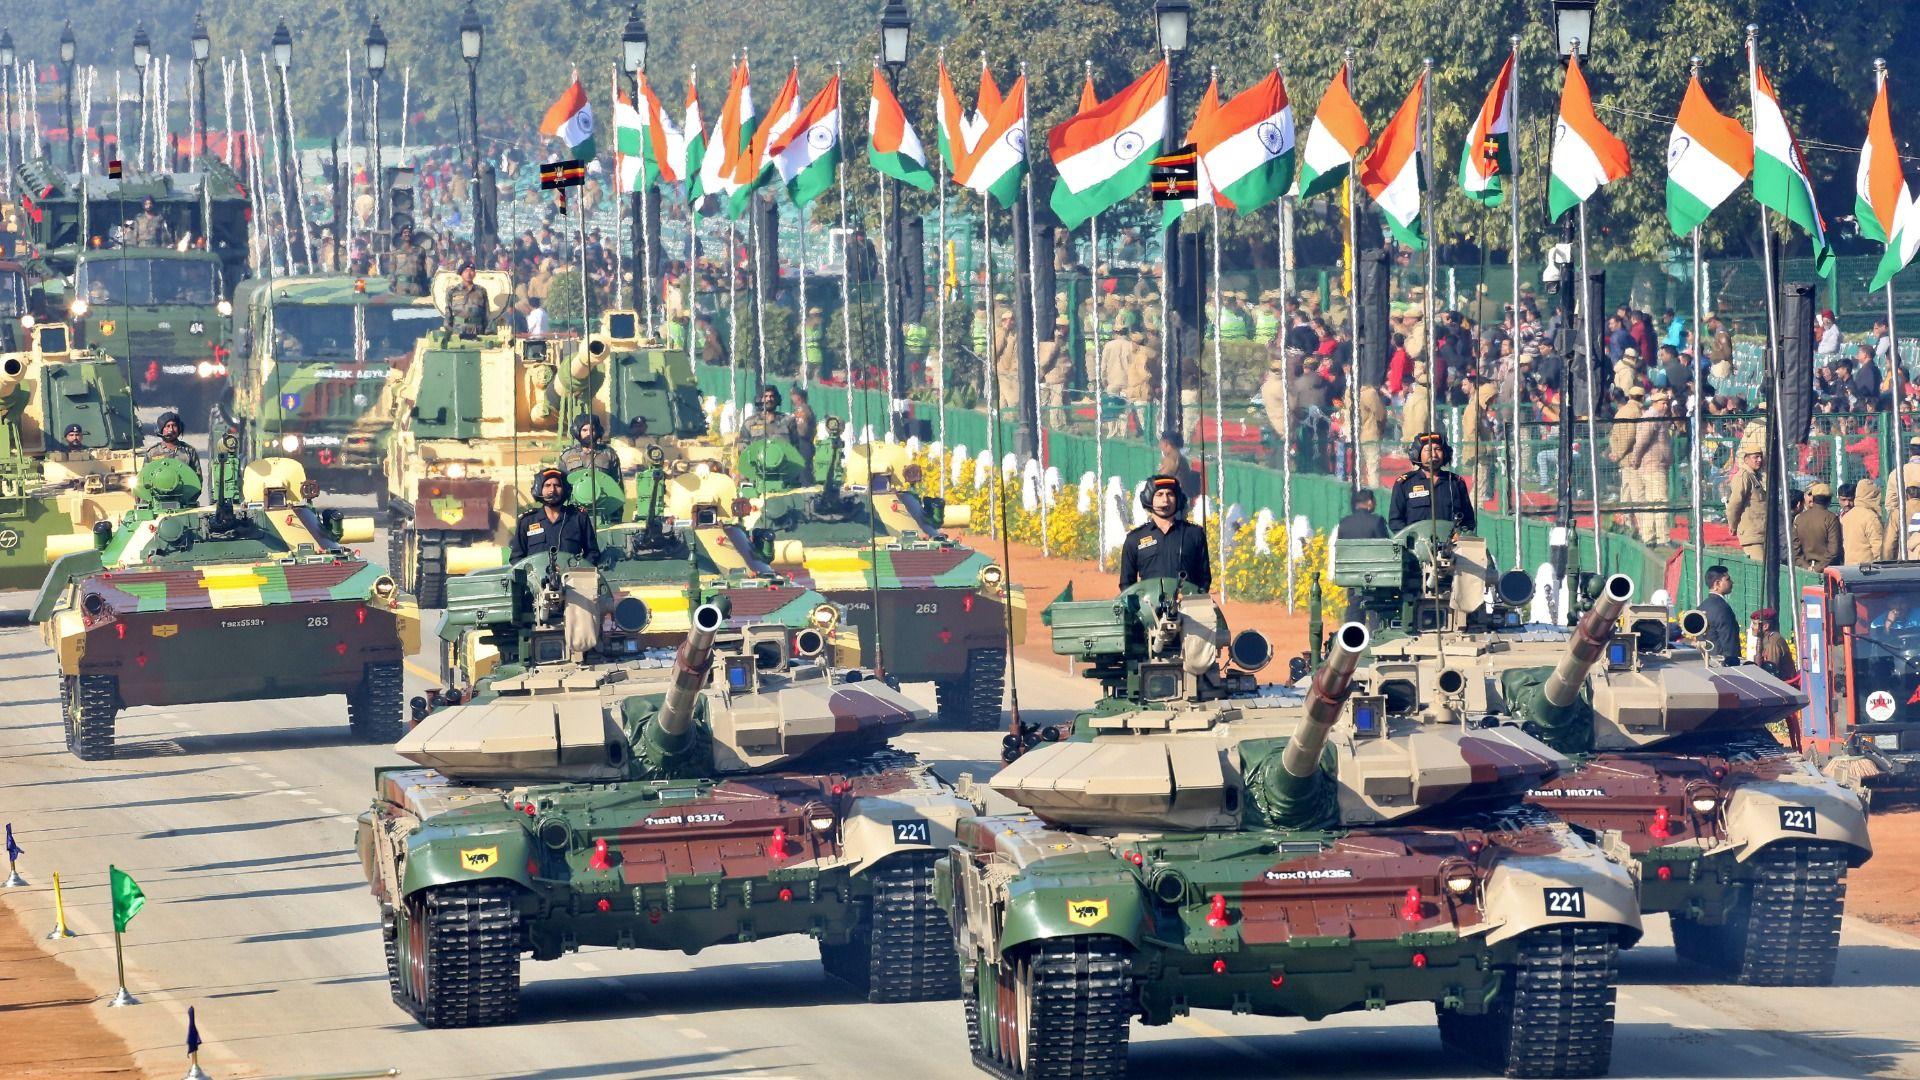 インド陸軍幕僚長、中国とパンデミックを懸念「兵器は自国生産で自立していく」新兵器の重要性も強調(佐藤仁) - 個人 - Yahoo!ニュース